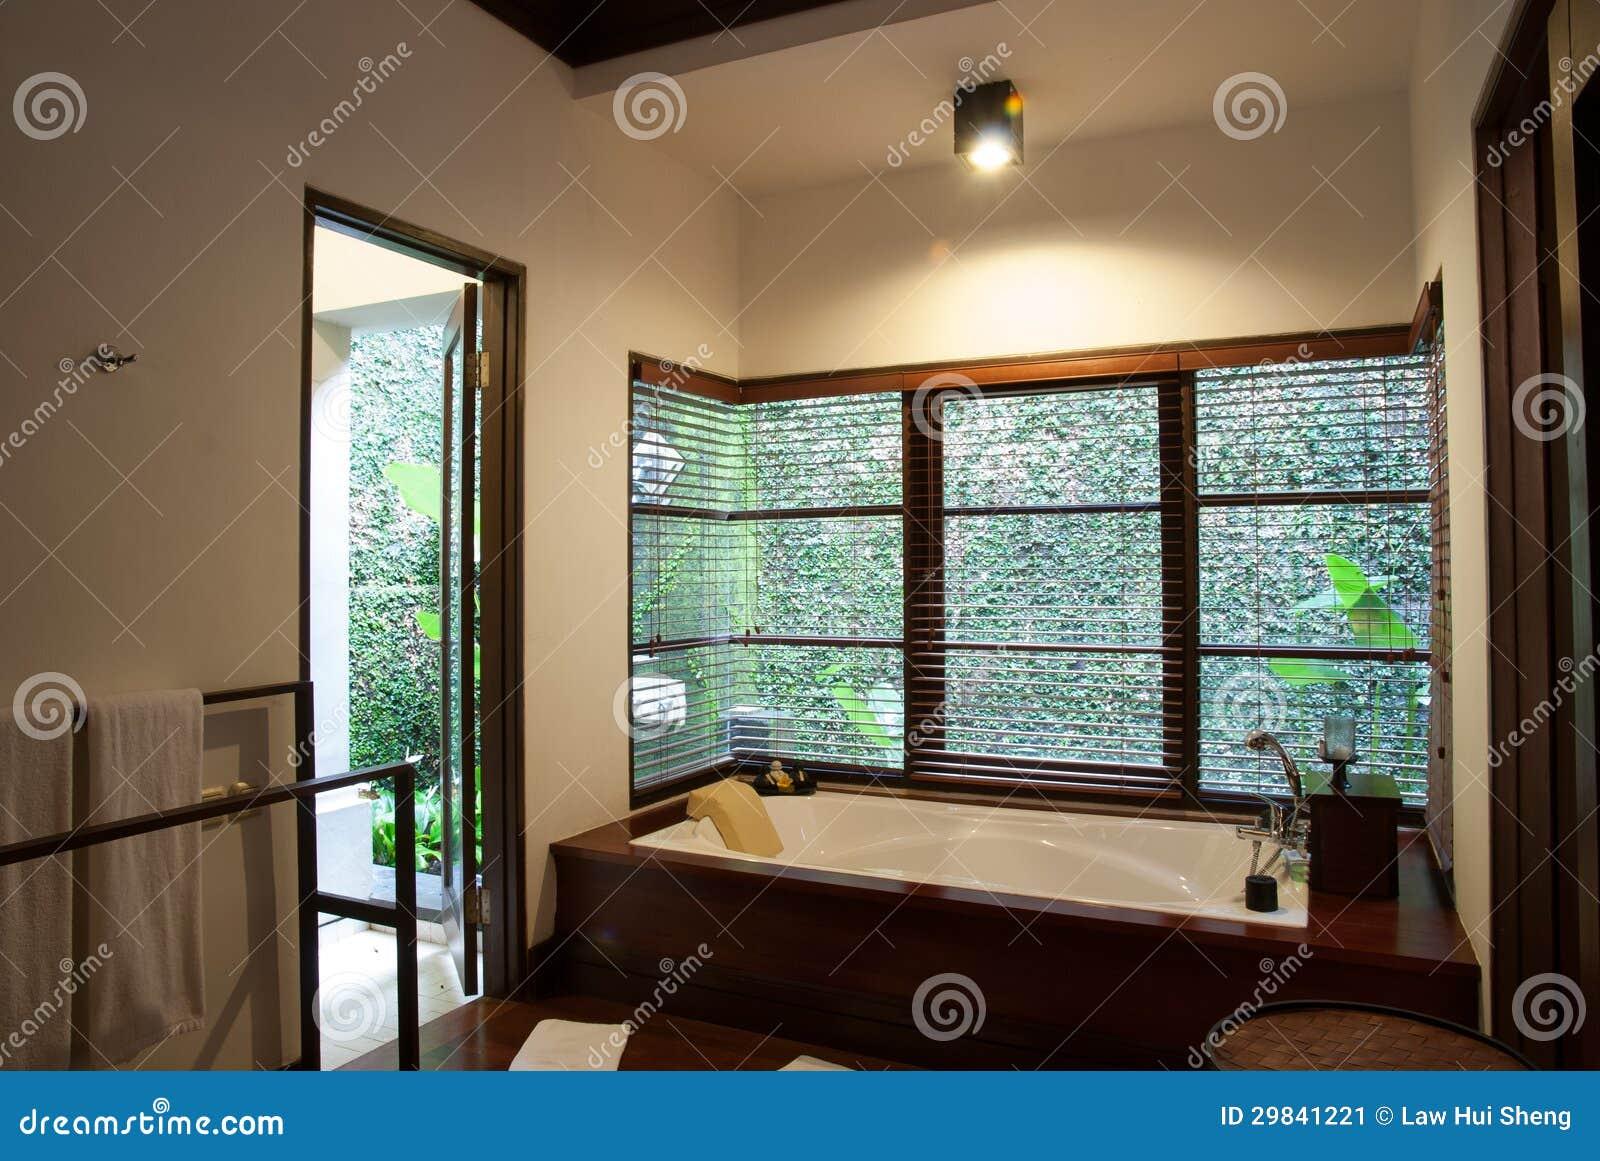 Banheiro do hotel de luxo com banheira em uma casa de campo. #2A1A11 1300 960